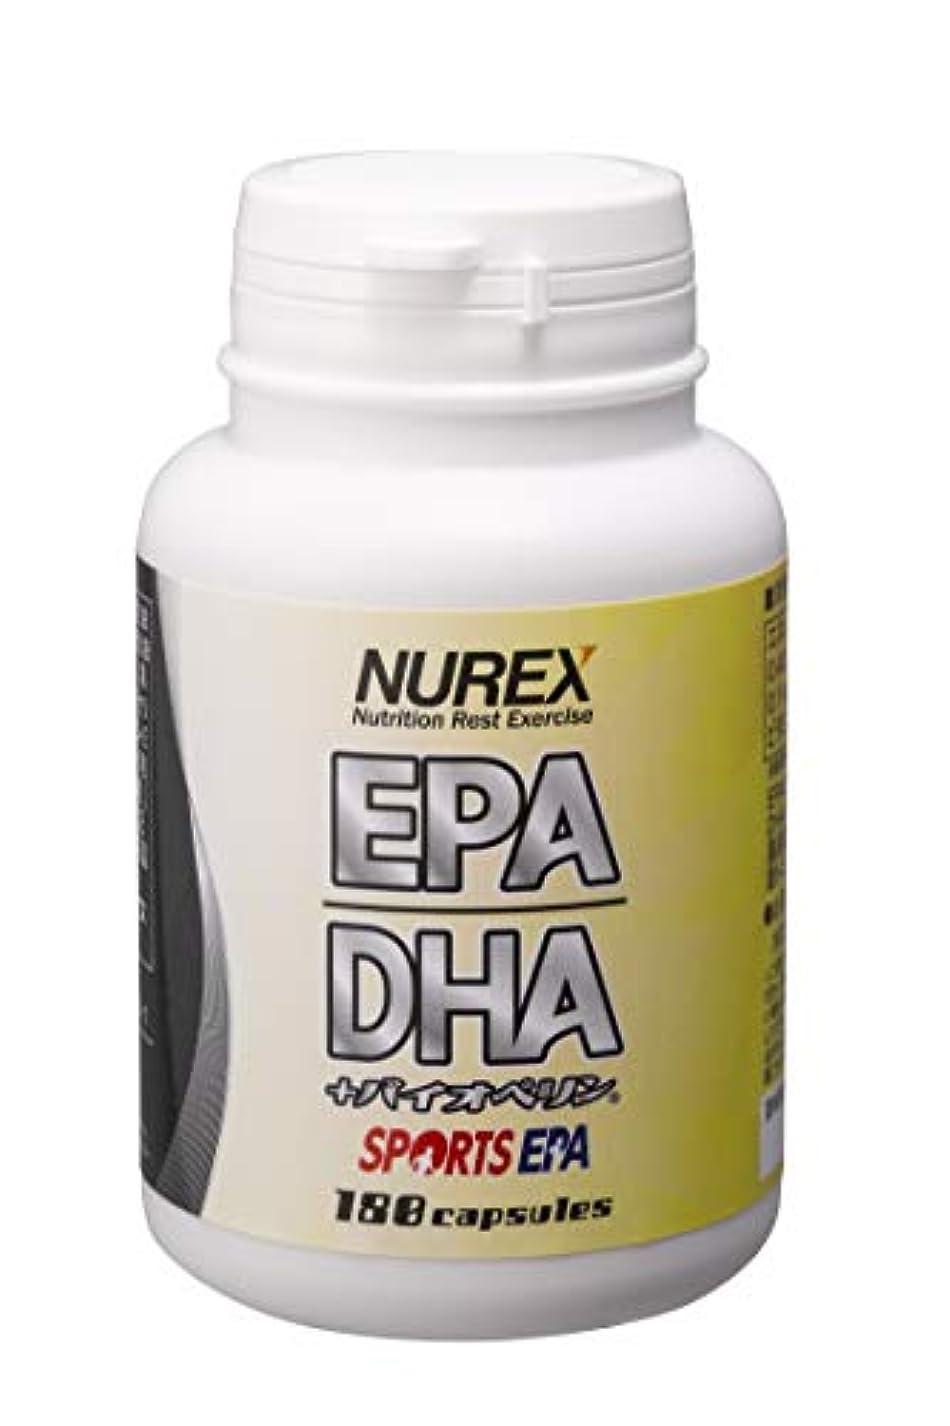 一見シーフード大脳EPA/DHA+バイオぺリン180粒